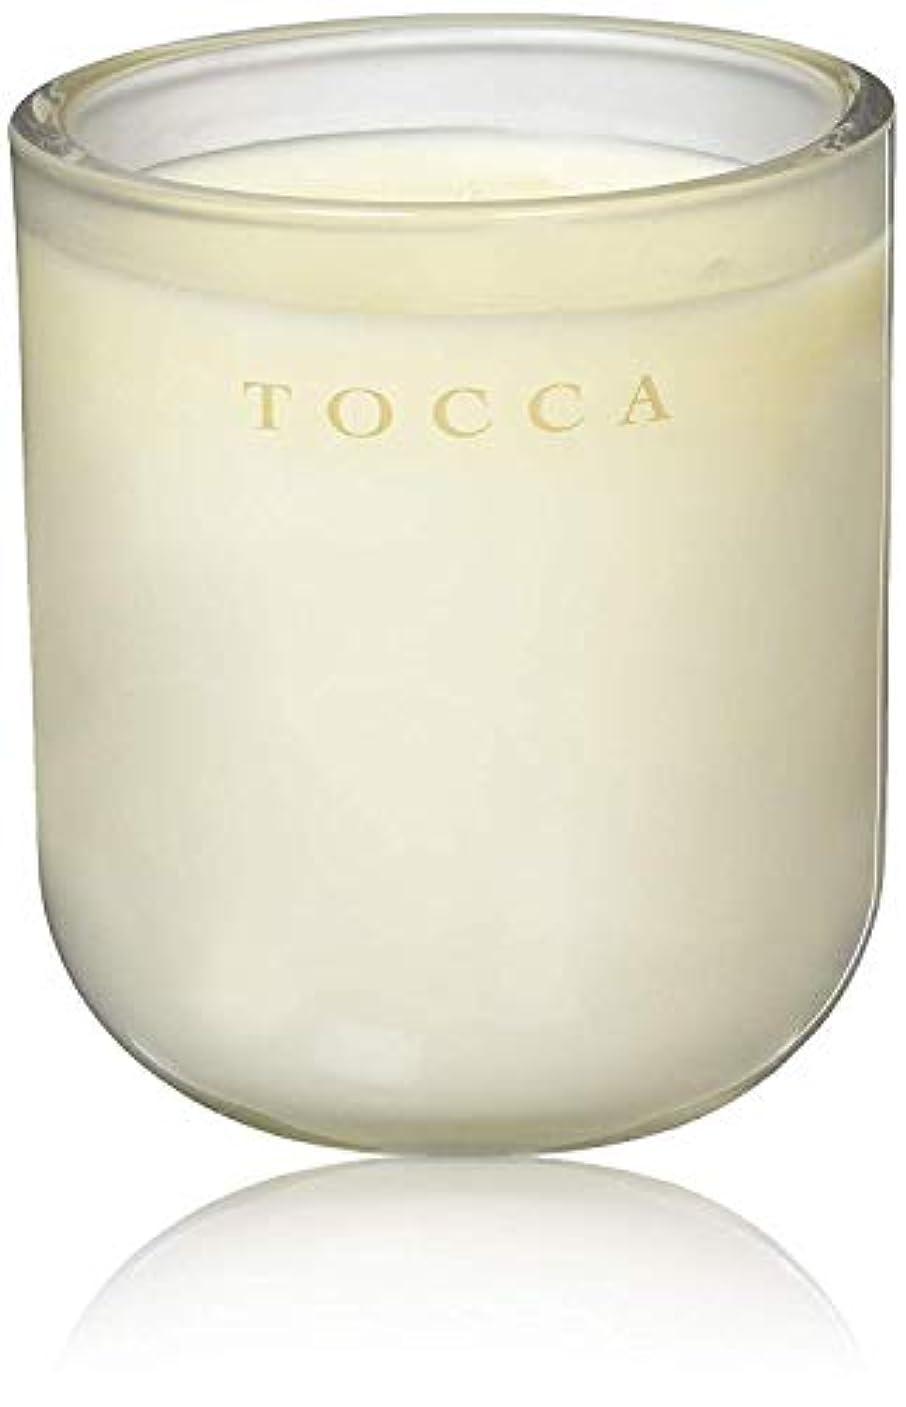 ずるい区別する印象派TOCCA(トッカ) ボヤージュ キャンドル モントーク 287g (ろうそく 芳香 キューカンバーの爽やかな香り)